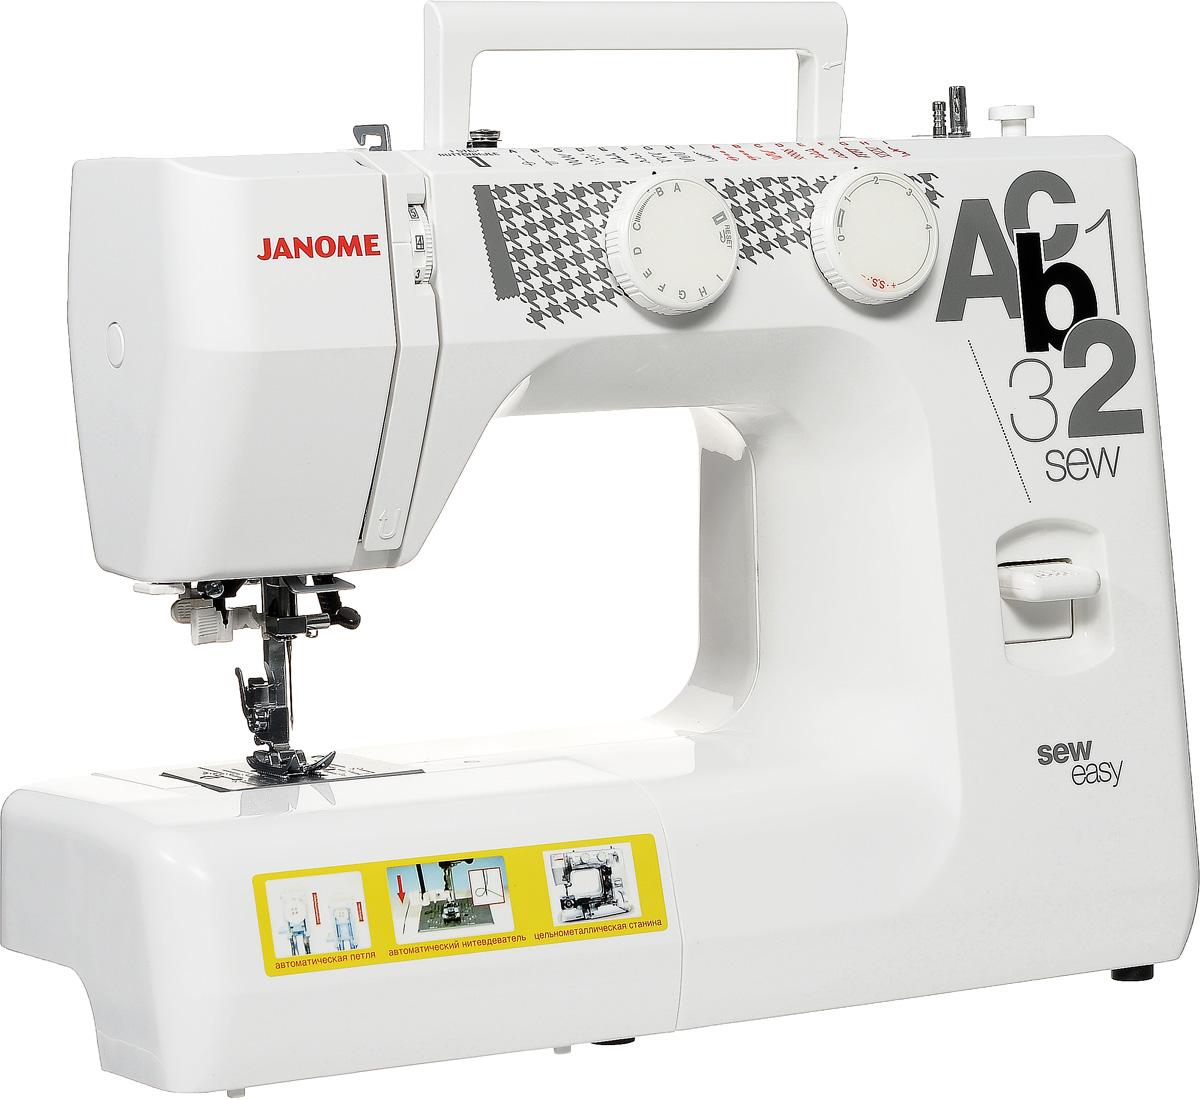 Janome Sew Easy швейная машинаsew easyJanome Sew Easy - швейная машина для шитья и ремонта одежды. Она оборудована надежным вертикальным качающимся челноком, применяемым в бытовых швейных машинах уже многие десятилетия.Данная модель выполняет необходимый набор основных строчек. Среди них шитье зигзагом, которое широко используется для обметки, аппликации и пришивания пуговиц; трижды усиленный стежок, который рекомендуется для шитья эластичных тканей или трикотажа, и где нужна крепость и прочность шва; декоративная; эластичная и другие. Установить желаемую строчку можно с помощью поворота колеса, расположенного на корпусе машинки.Благодаря встроенной подсветке рабочей области можно комфортно работать даже в условиях слабой освещенности.